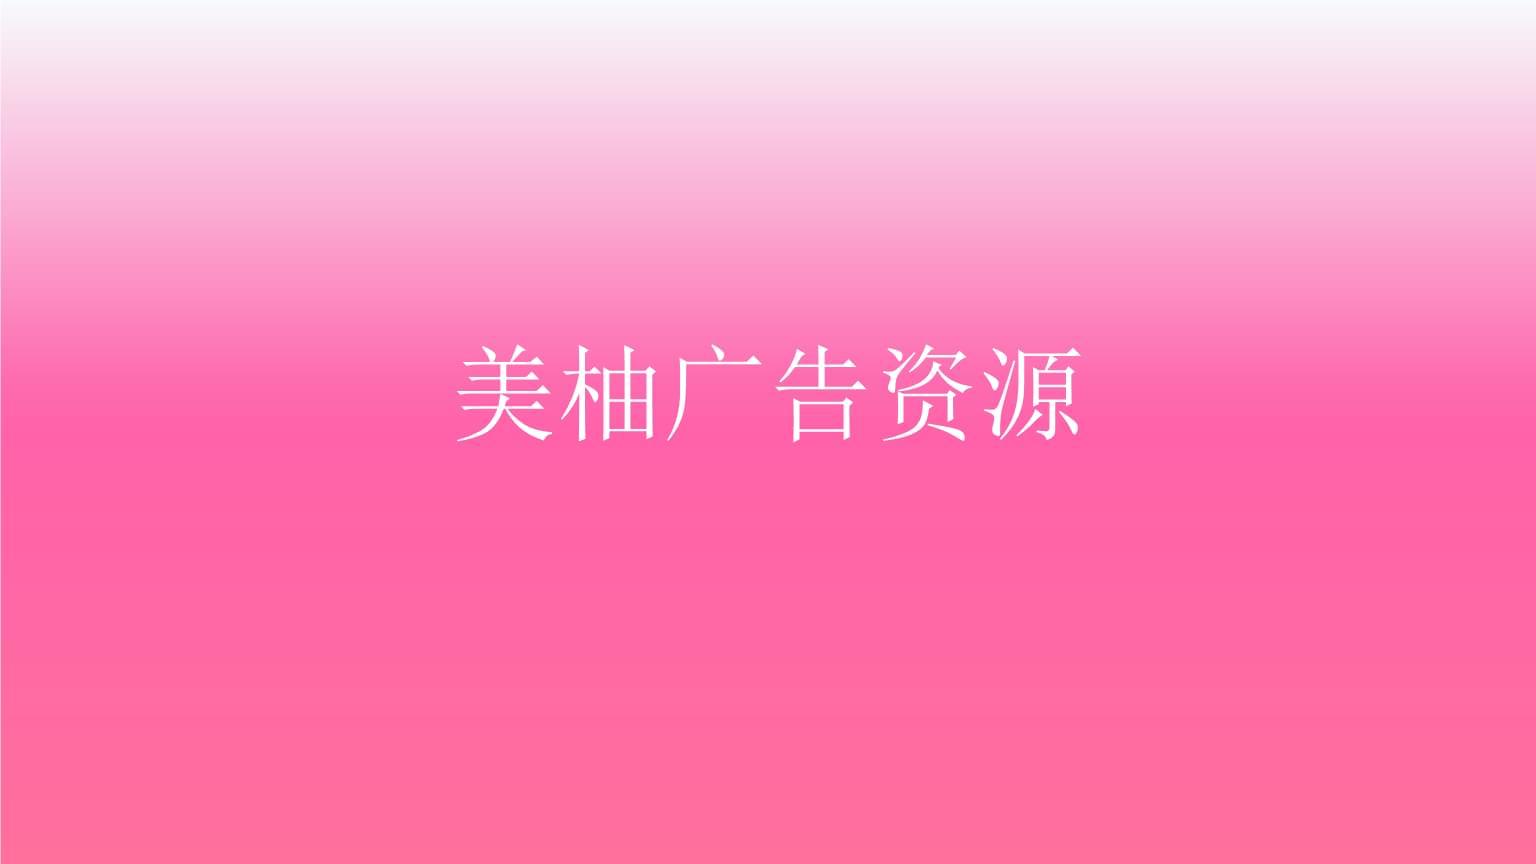 美柚2017年产品资源4.5.pptx